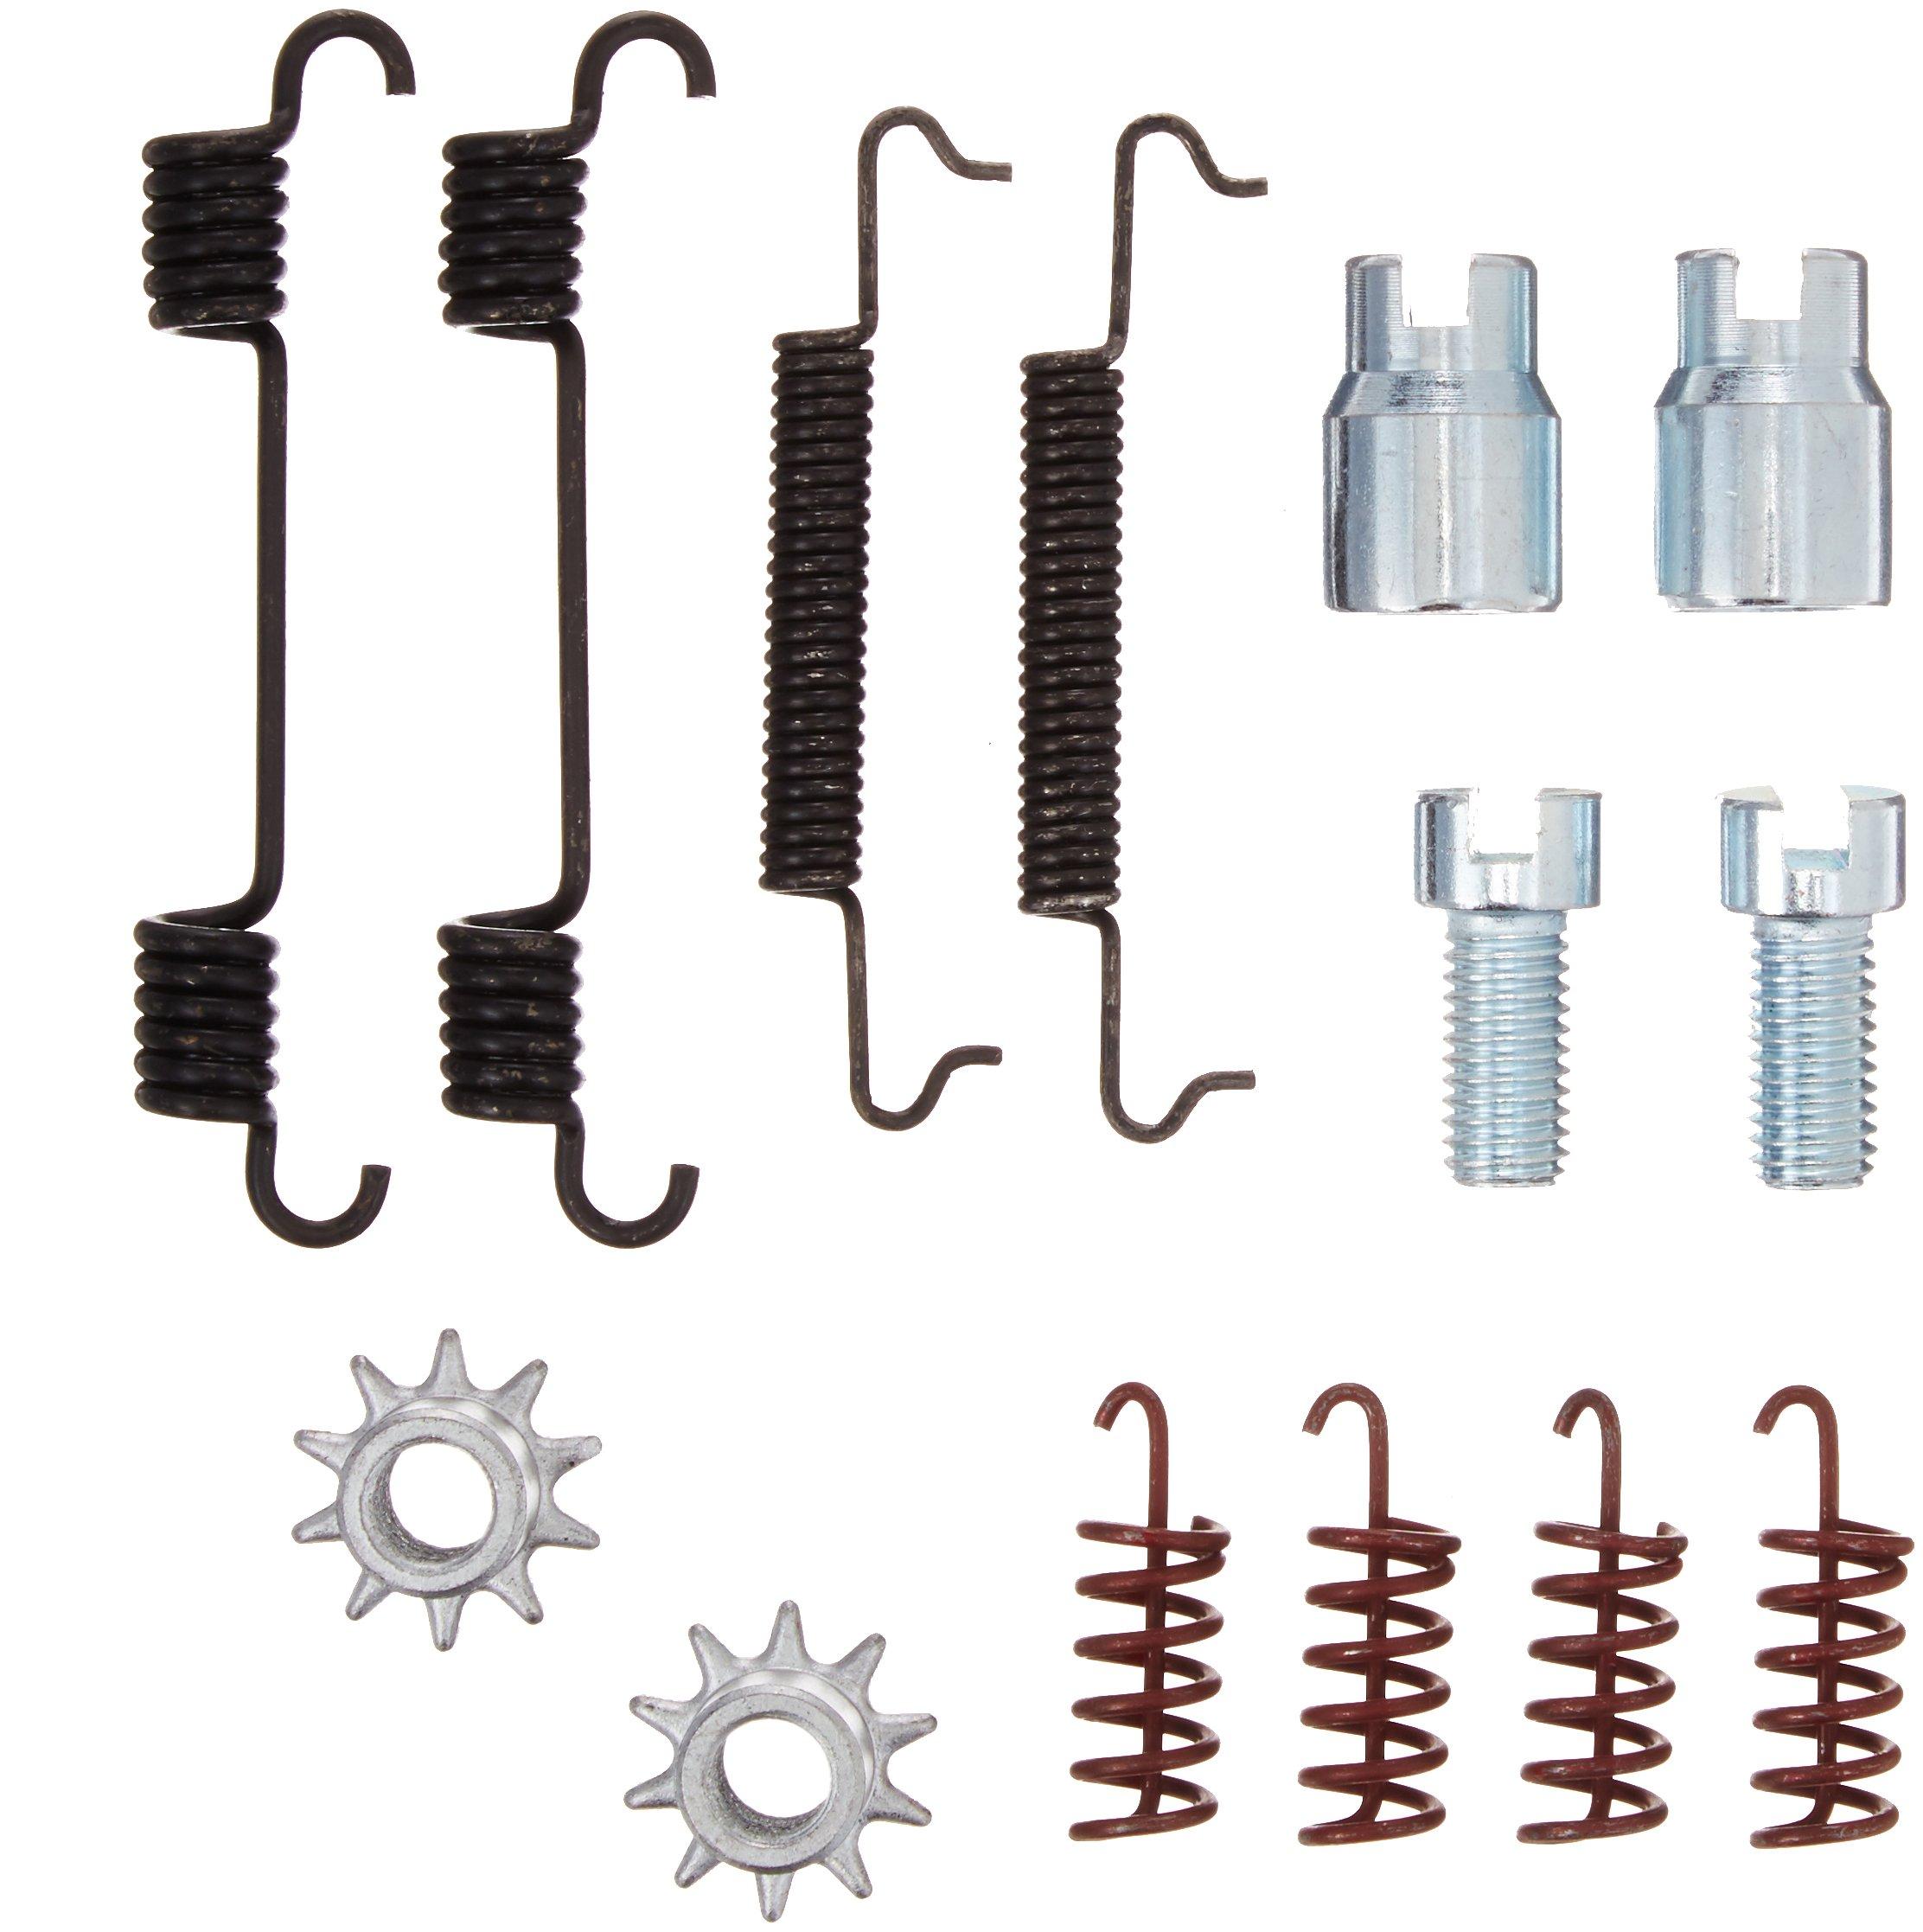 Carlson Quality Brake Parts H7352 Drum Brake Hardware Kit